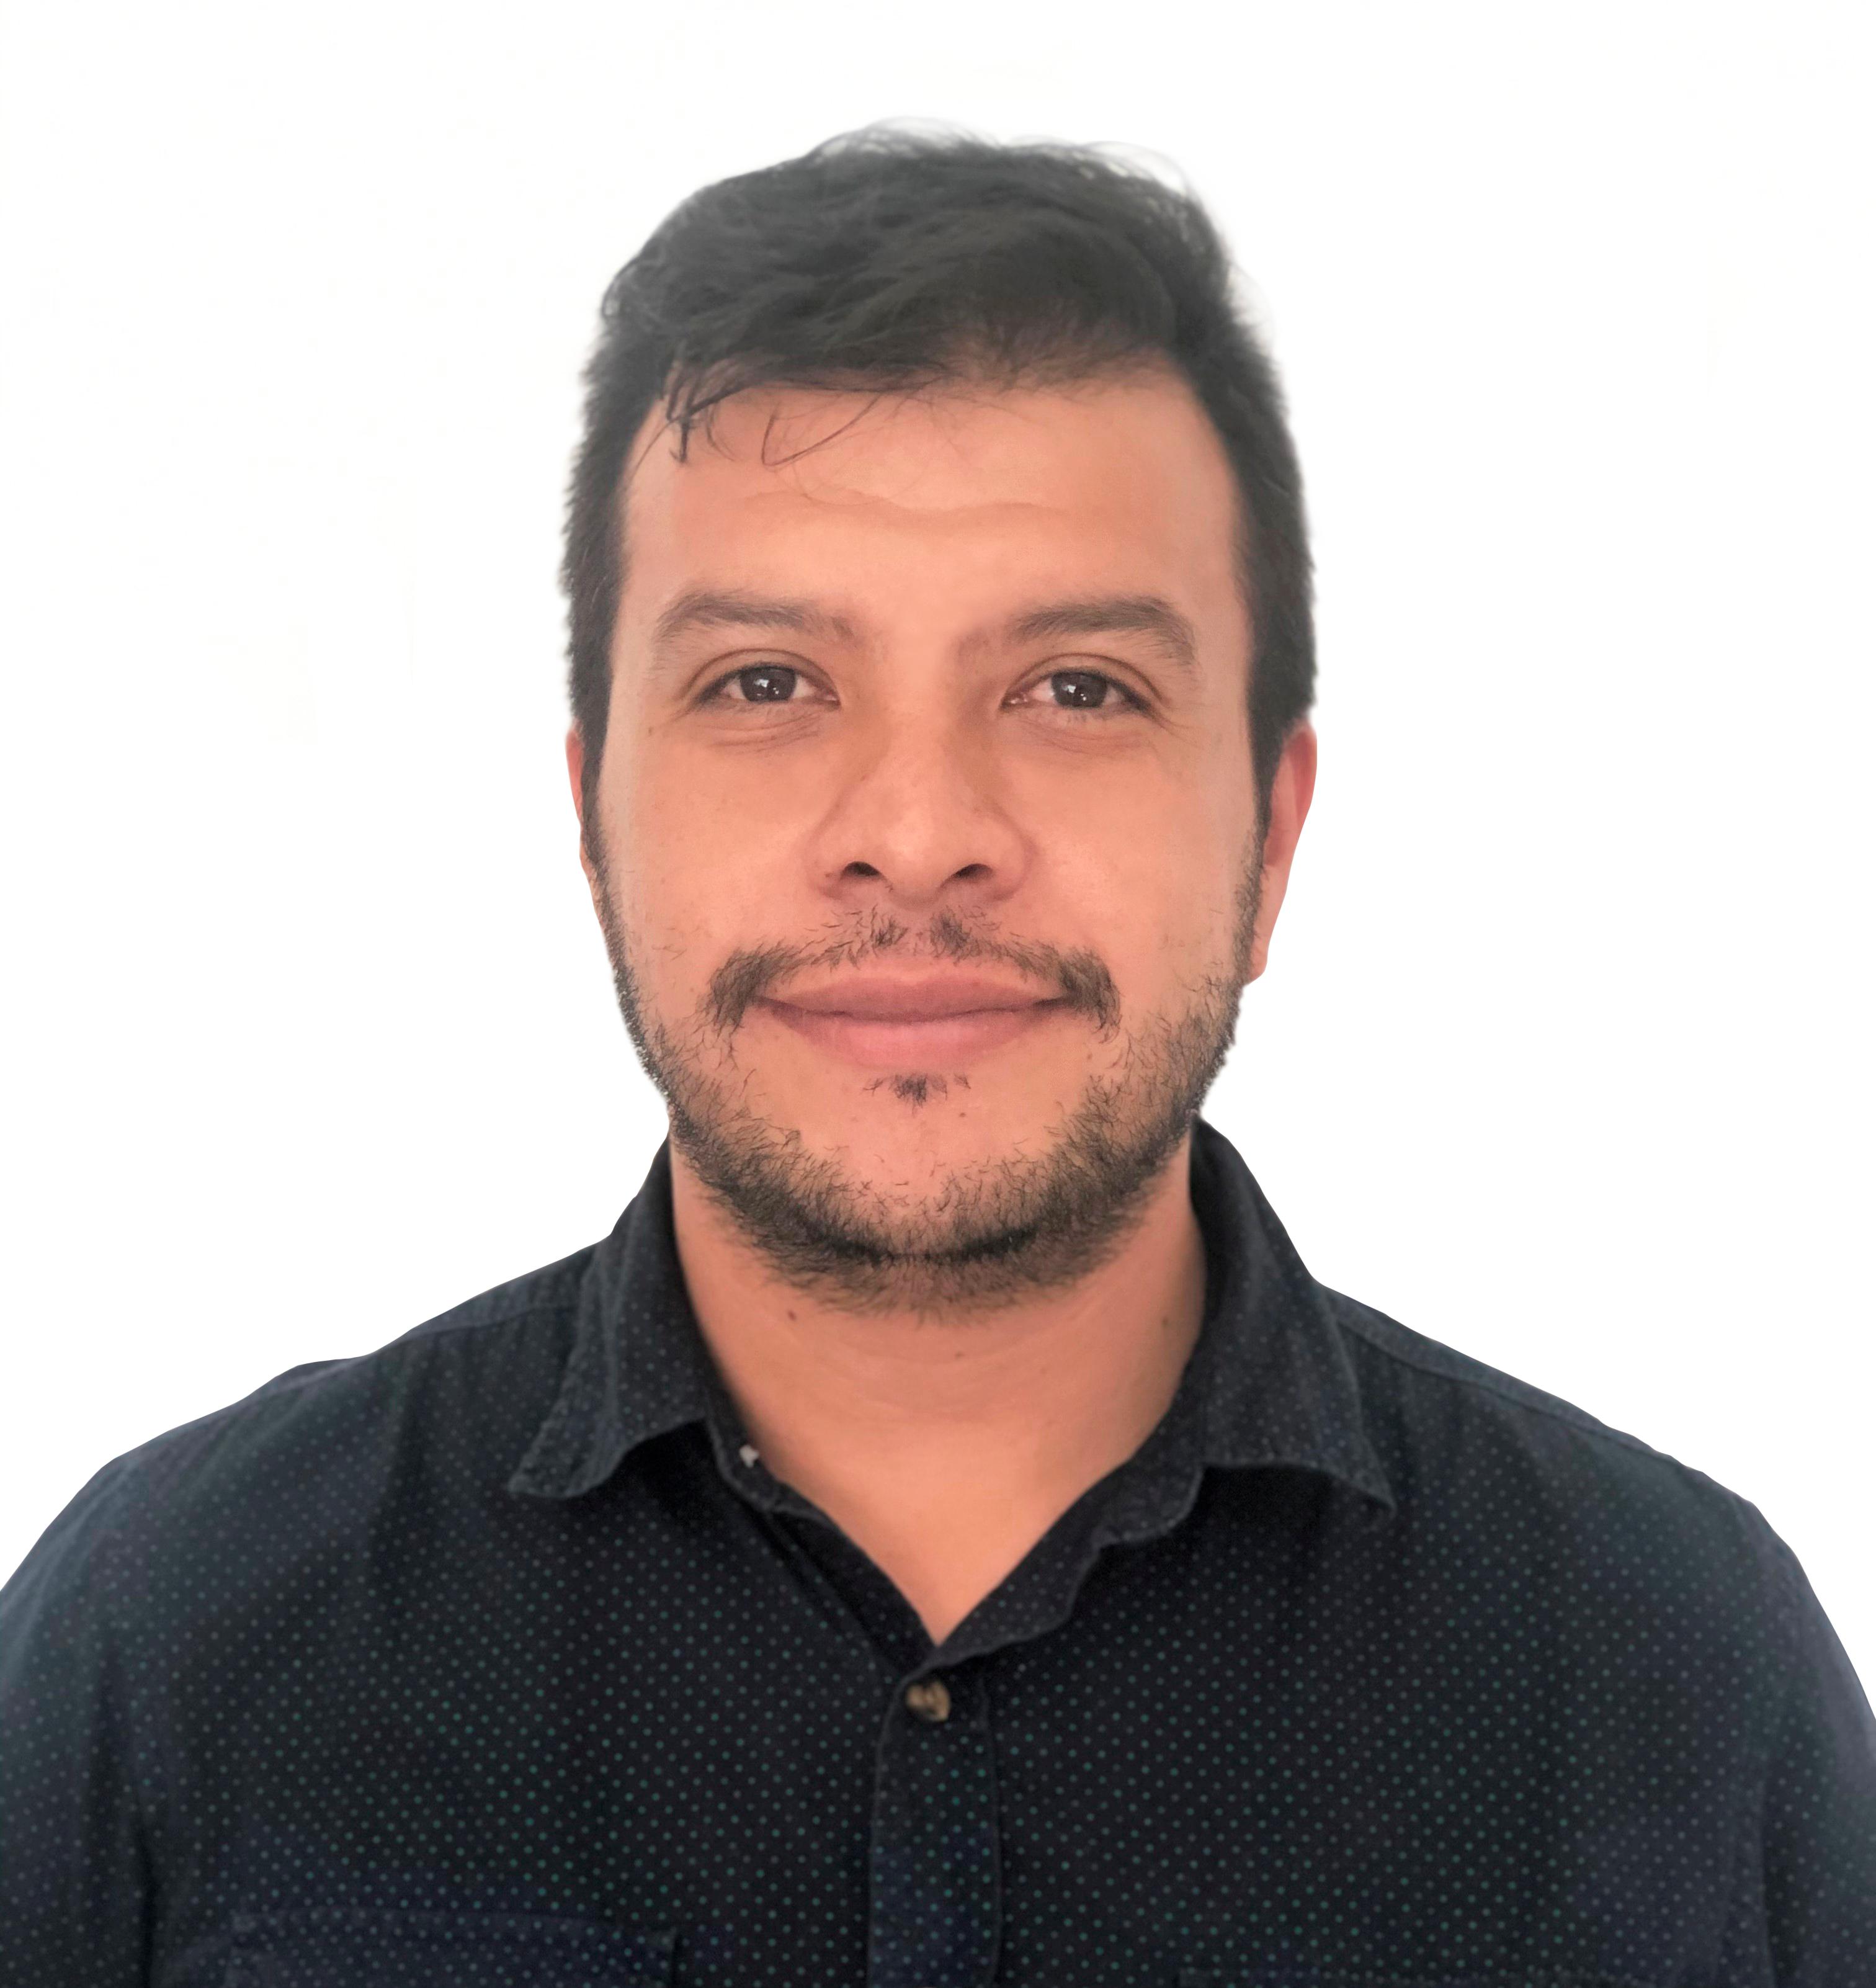 Empleado destacado: como Director de ingeniería, José Luis Buitrago Turca